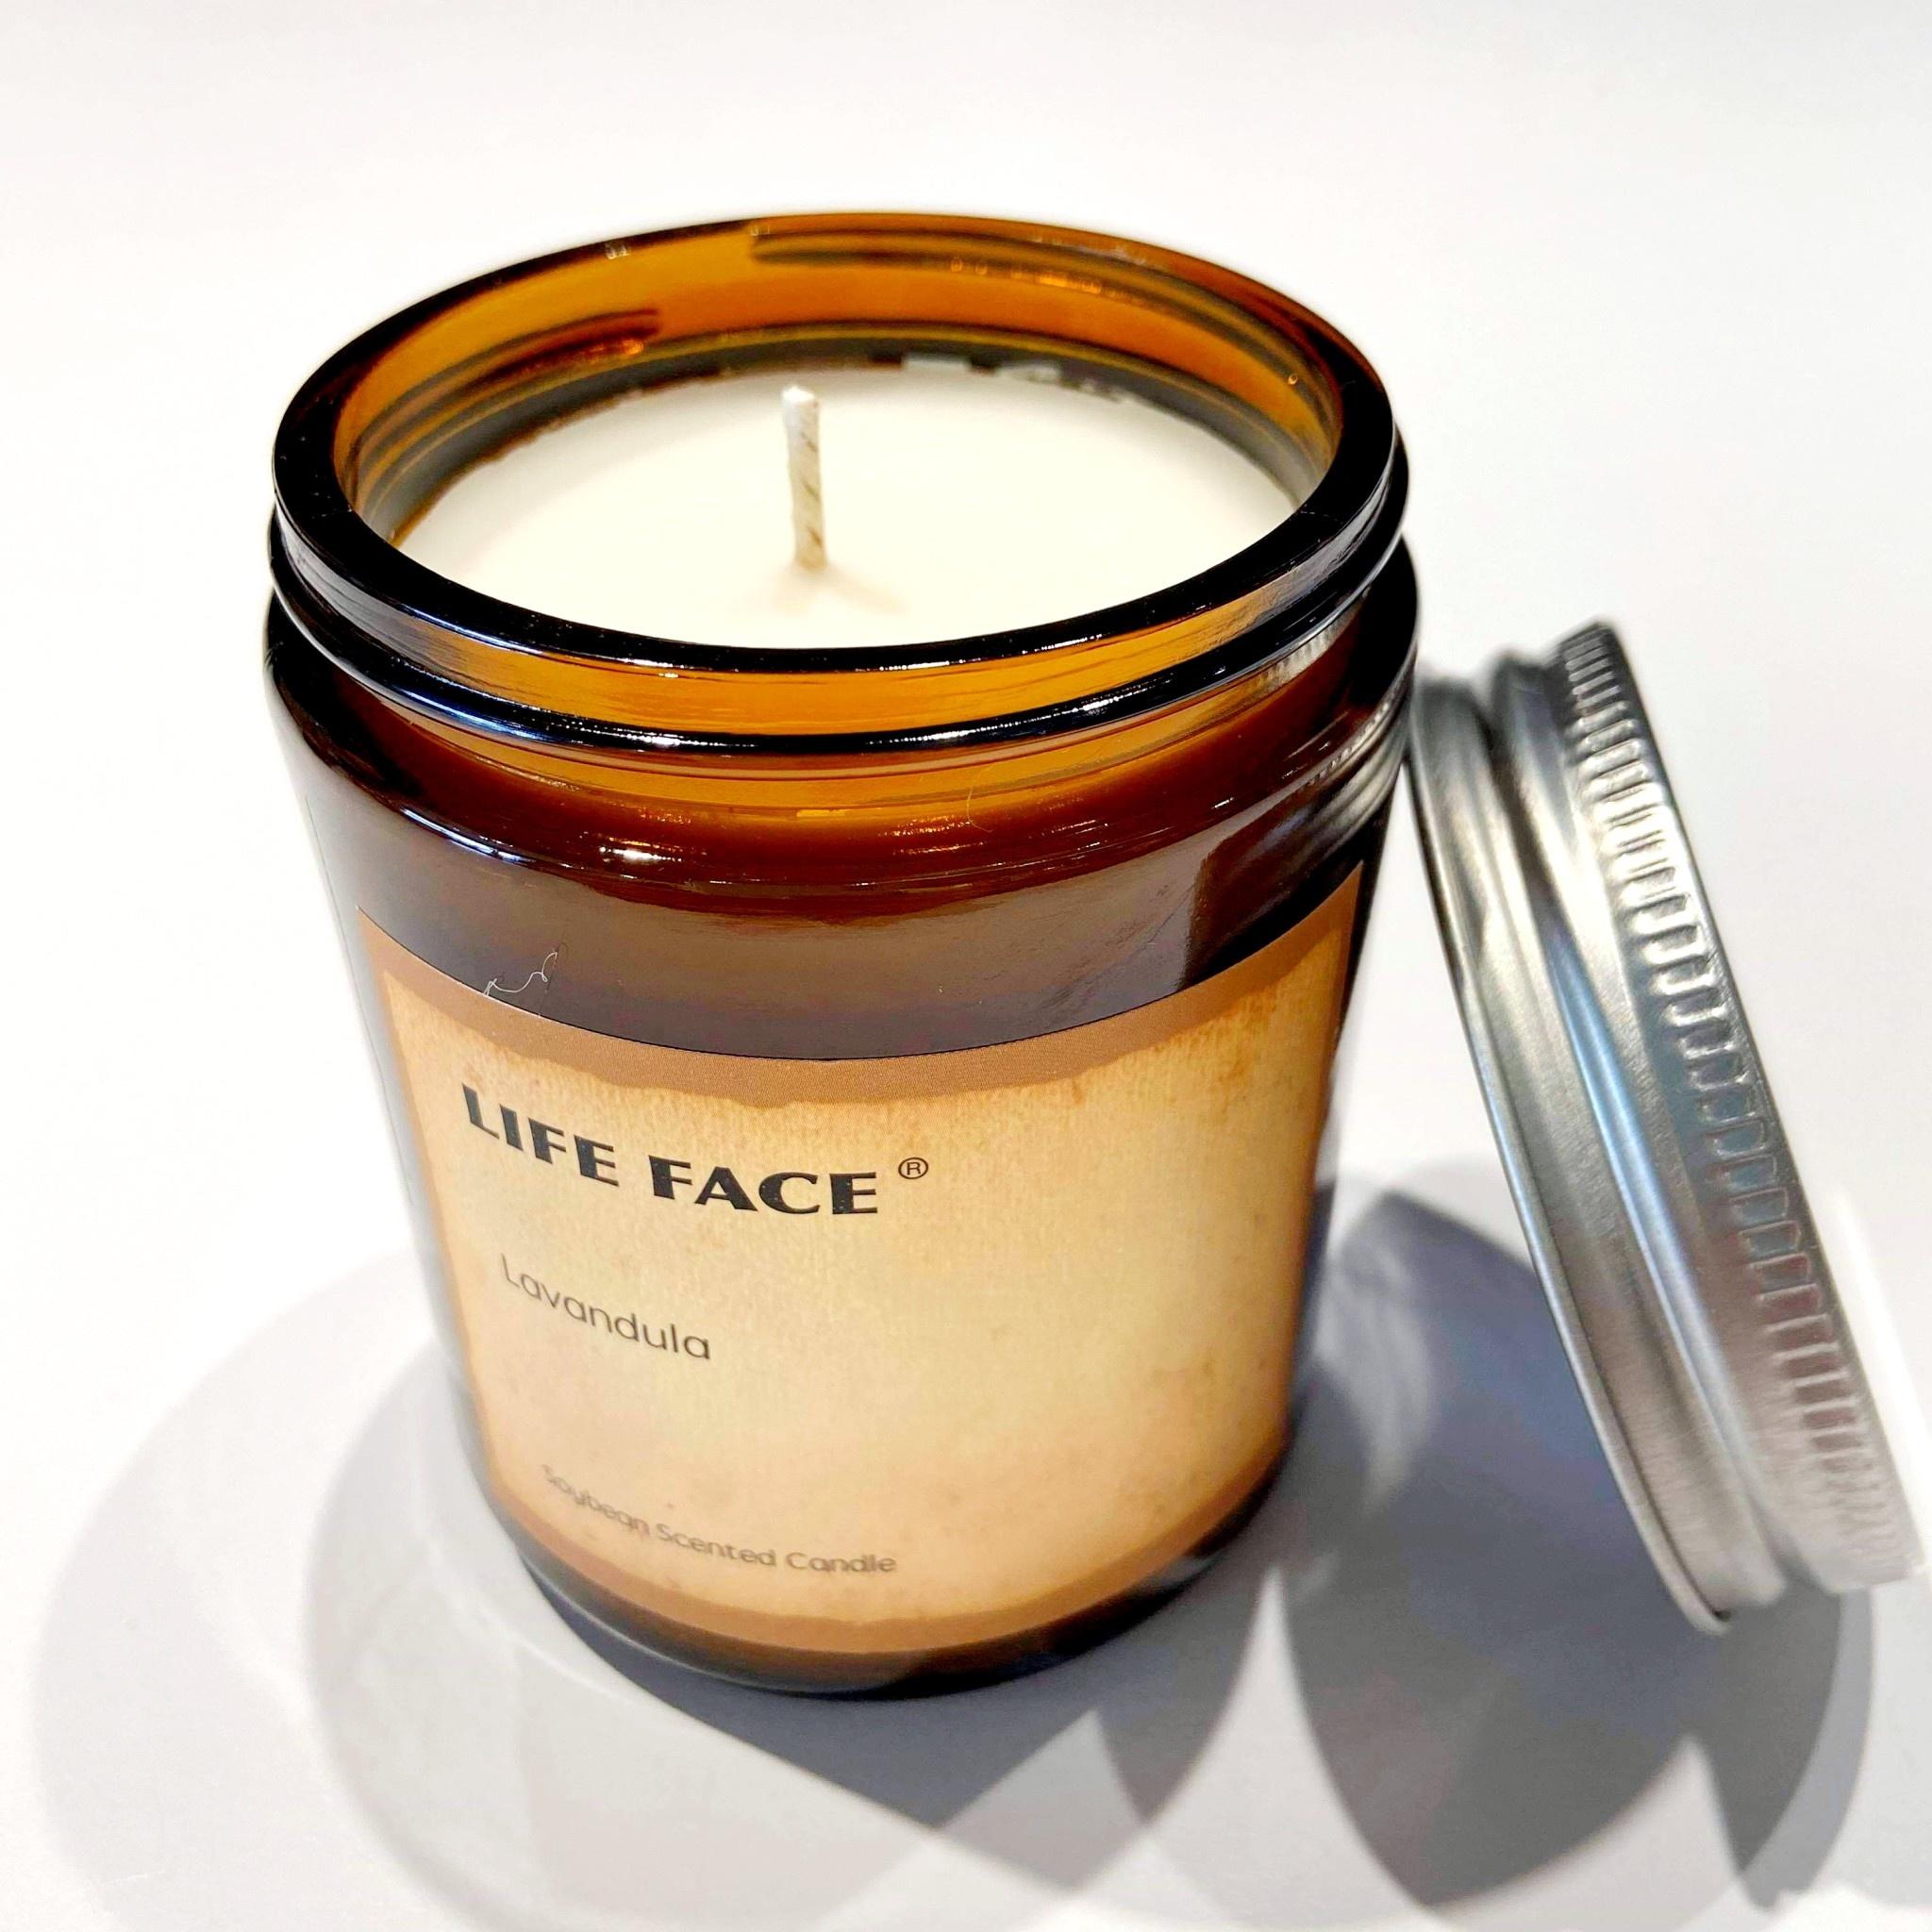 Soy Candle in Jar - Lavandula